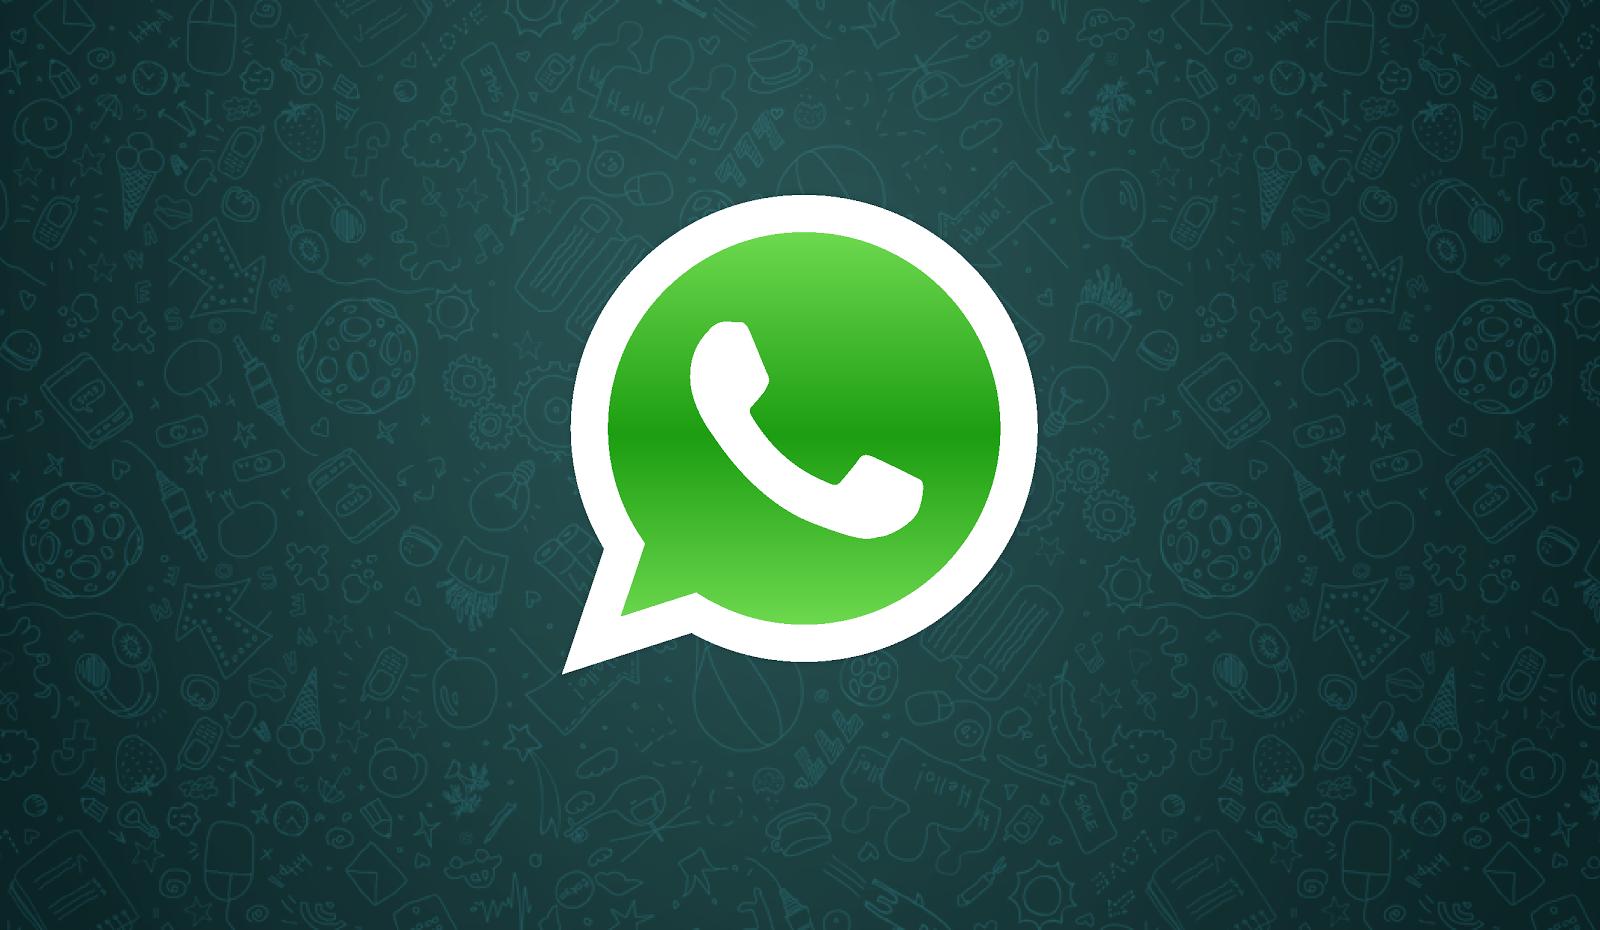 Conheça uma nova forma de adicionar emojis juntos ao texto em suas conversas do WhatsApp